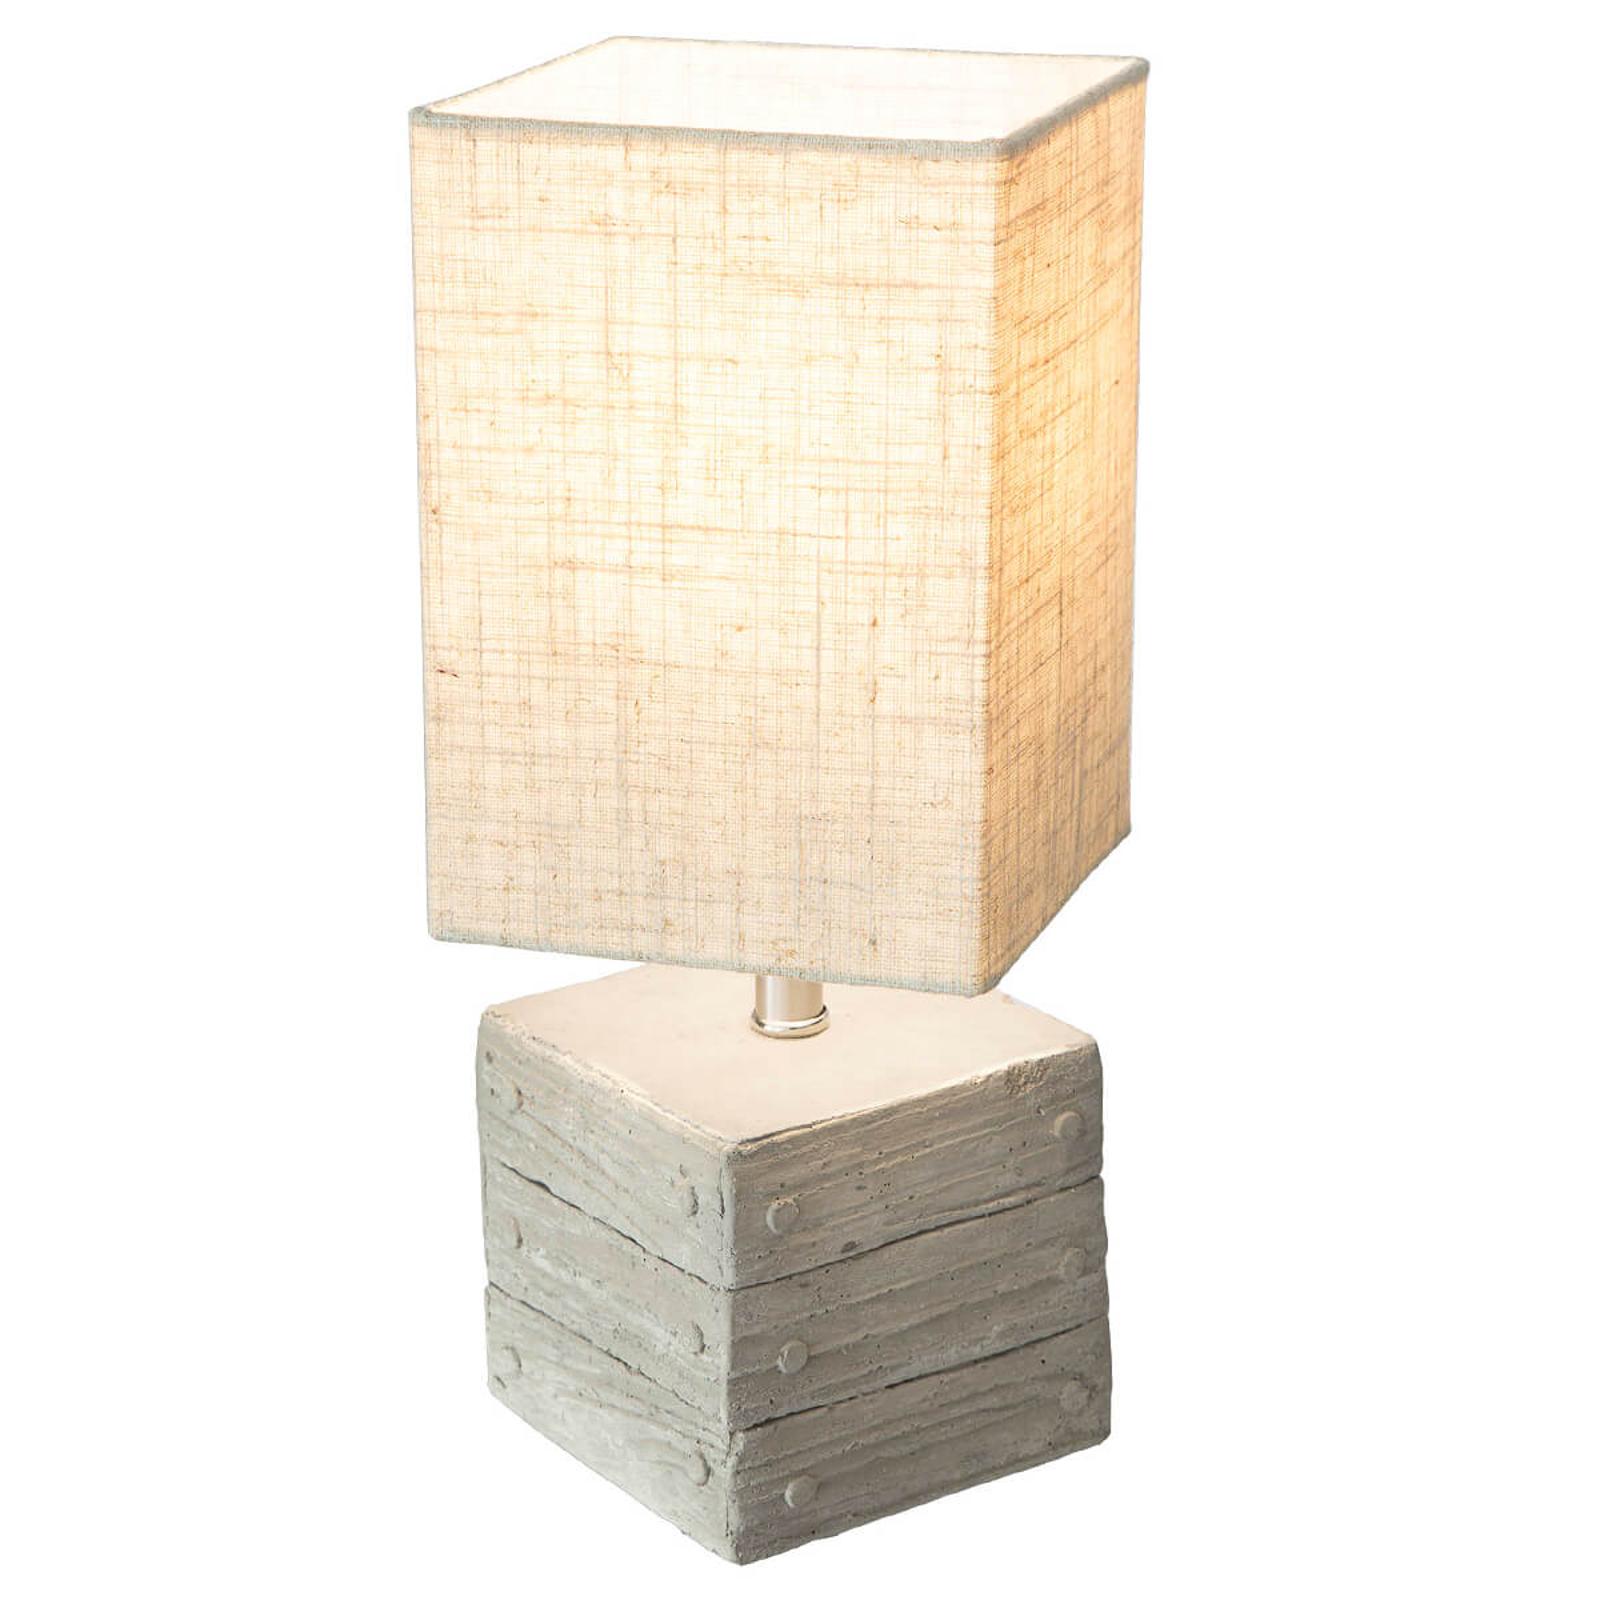 Lampe à poser Base en béton, forme de boîte Lisco